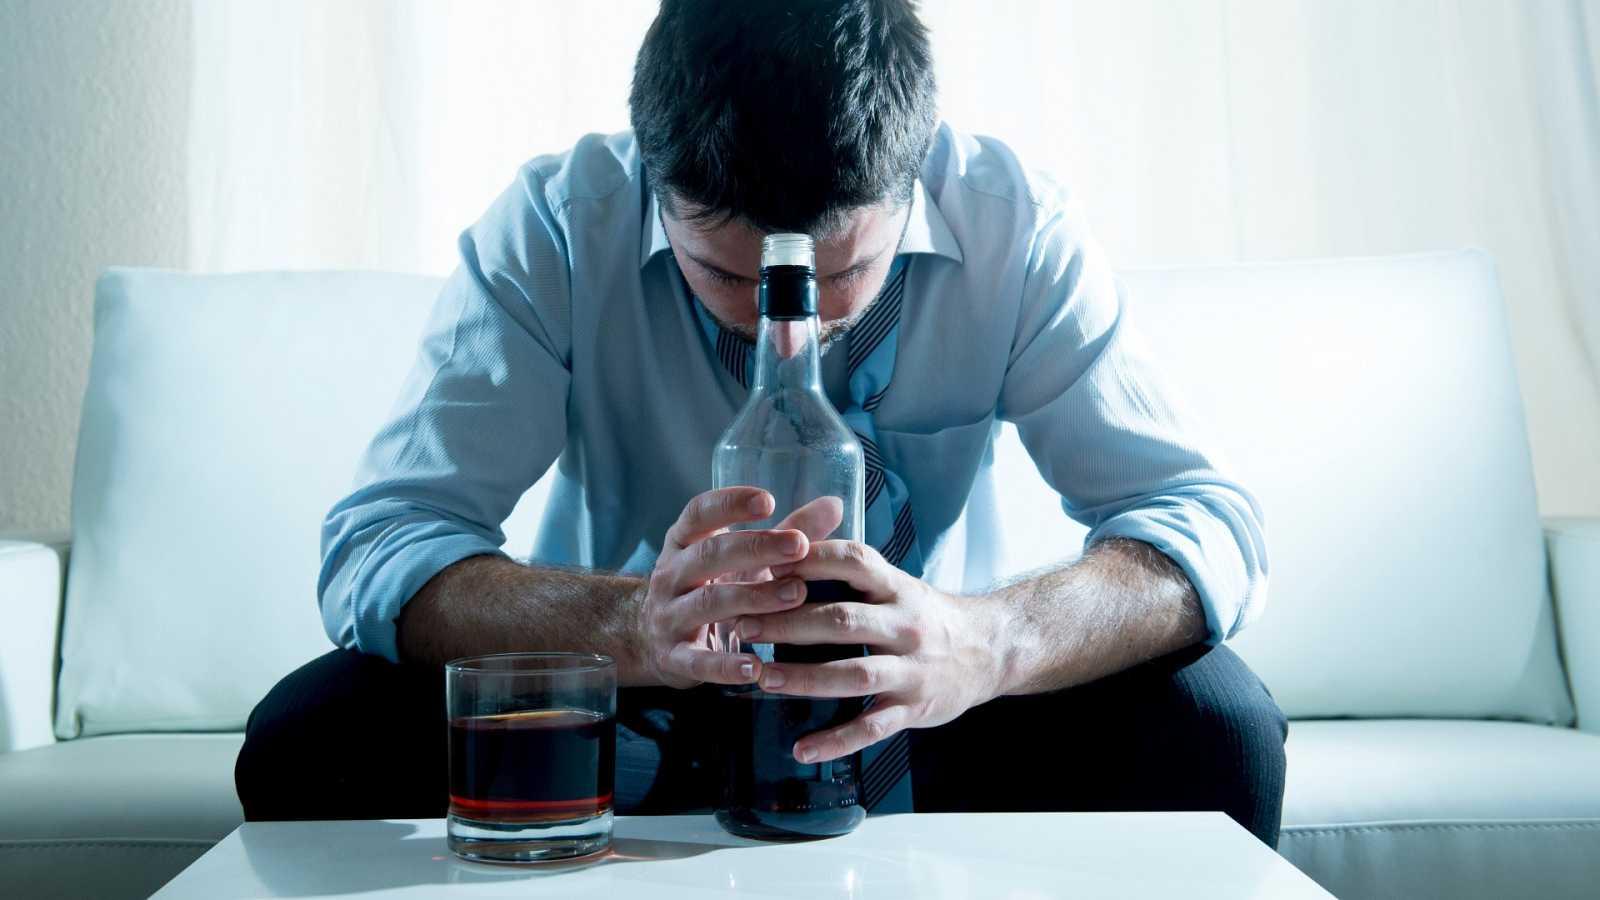 Los expertos consideran que habrá nuevos adictos al alcohol y que quienes se encuentran en rehabilitación tienen más riesgo de recaer.